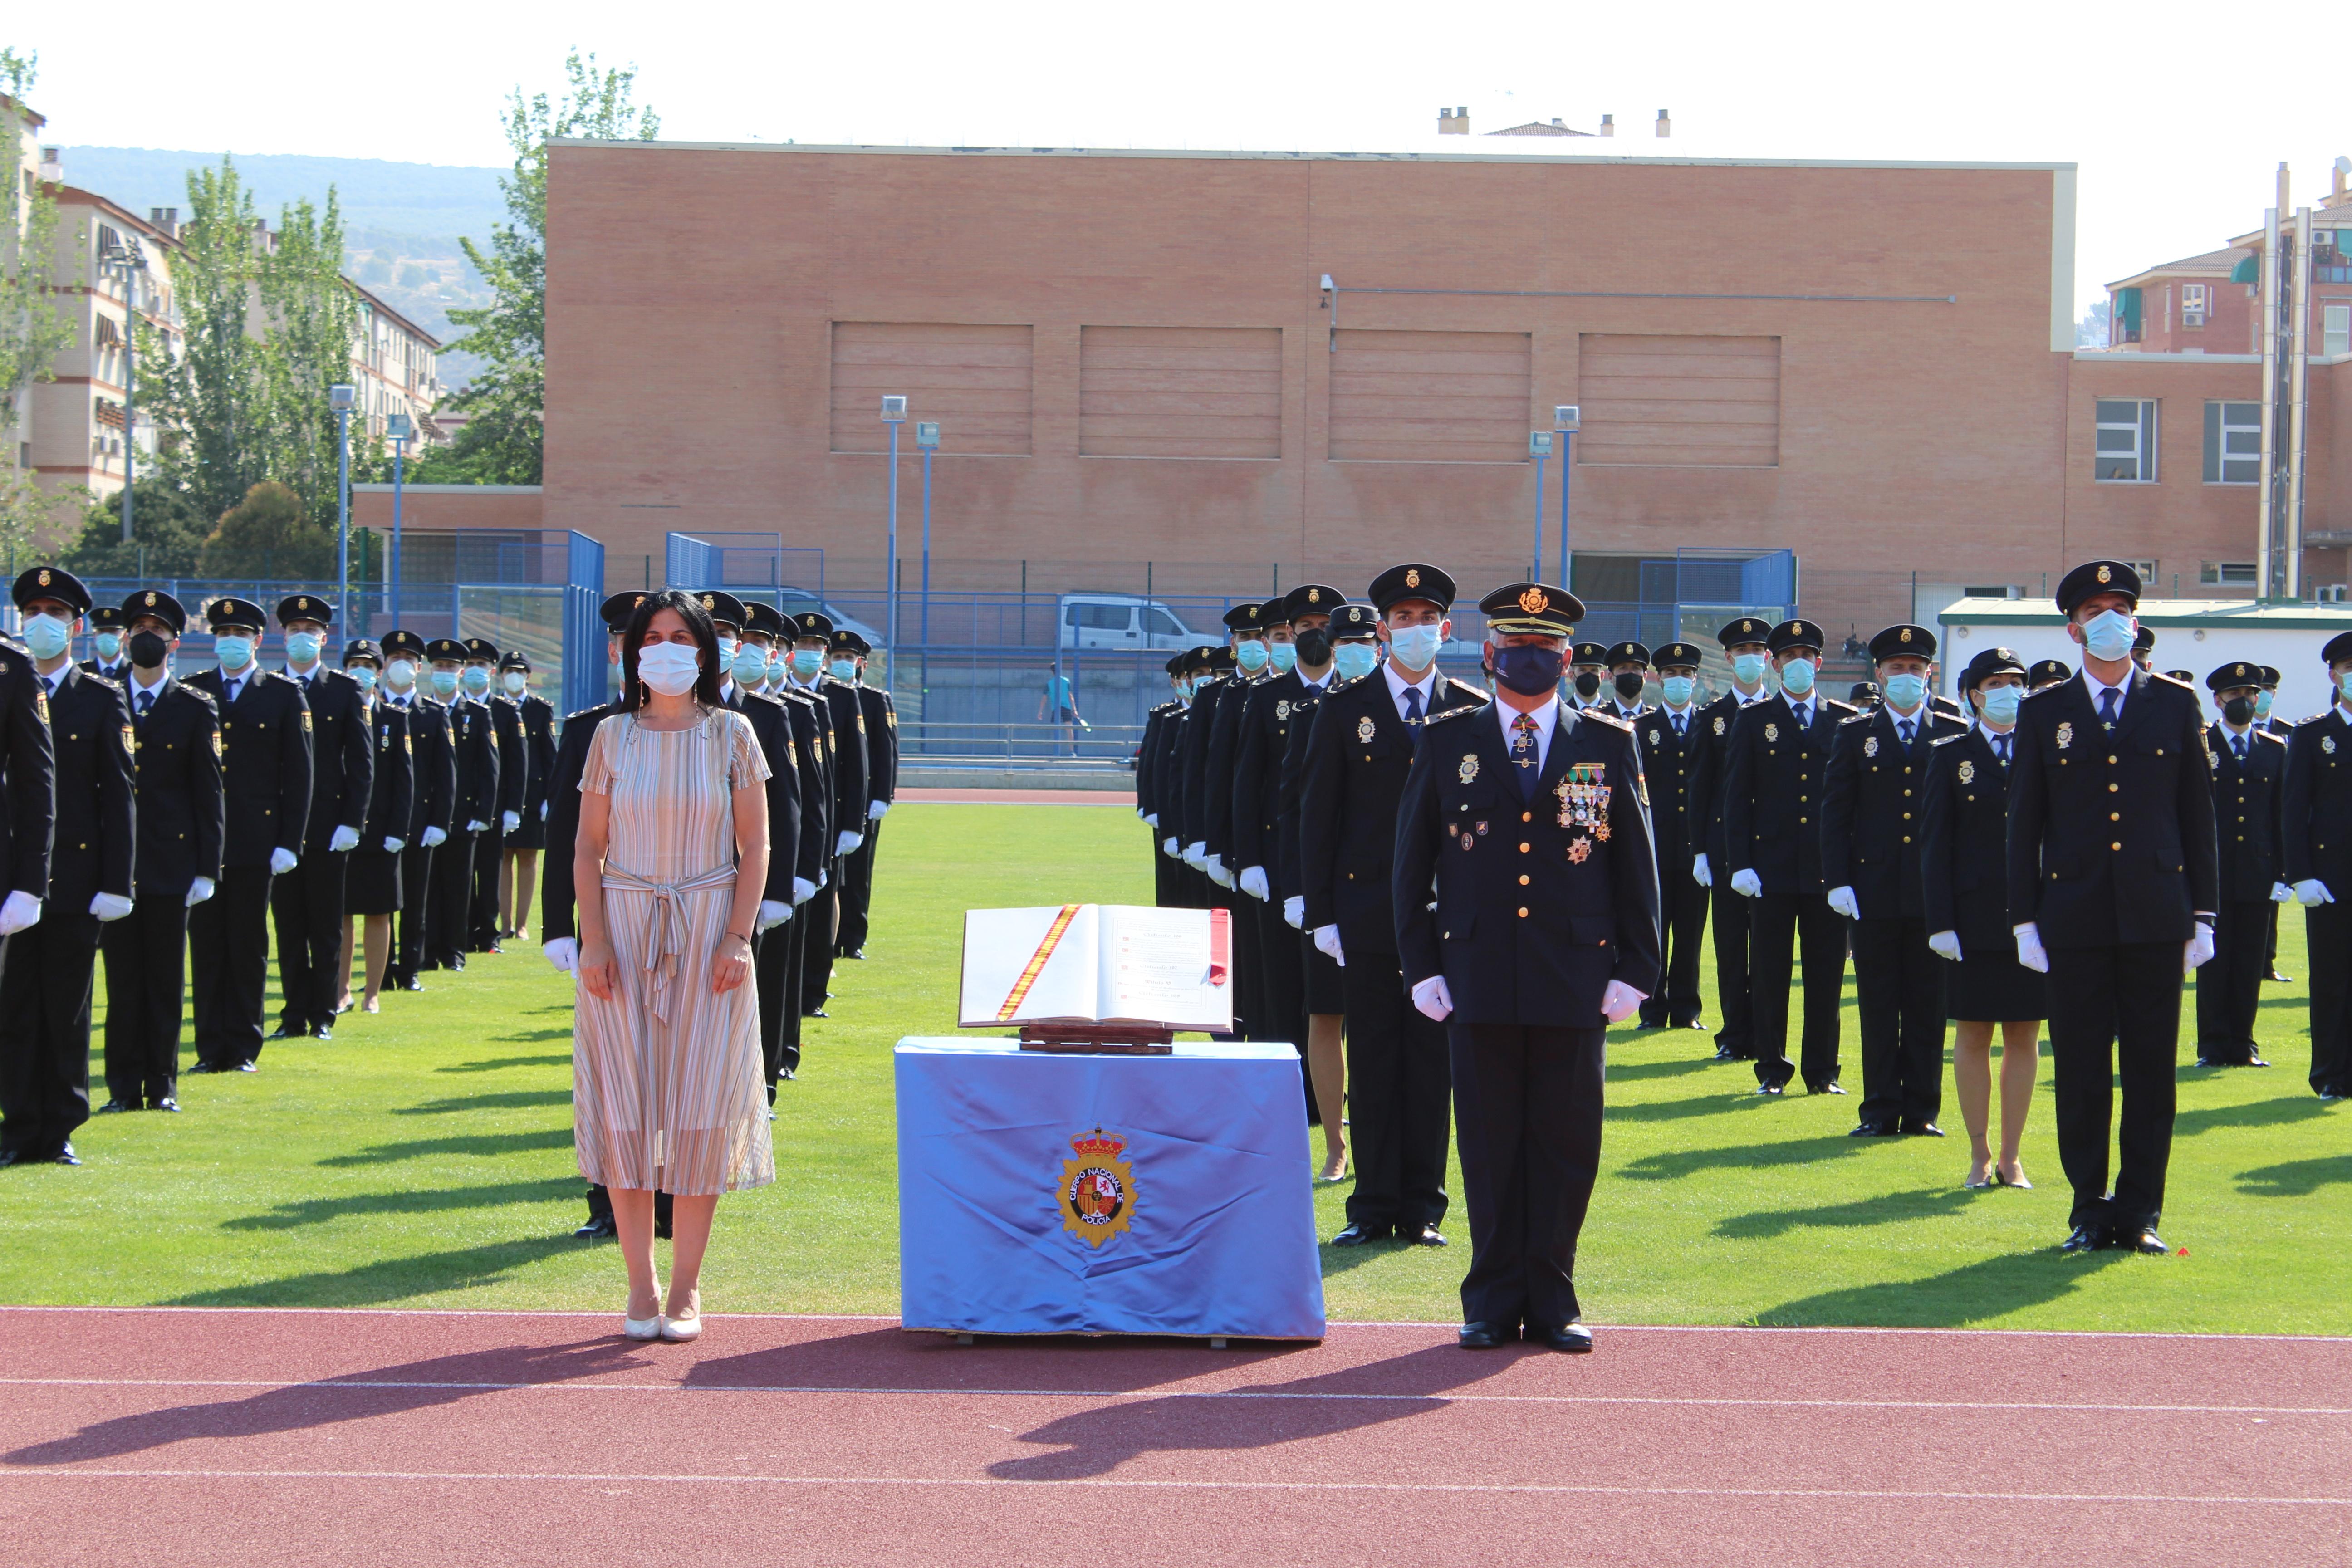 Toman posesión del cargo 120 nuevos Policías Nacionales de las provincias de Granada, Almería y Jaén